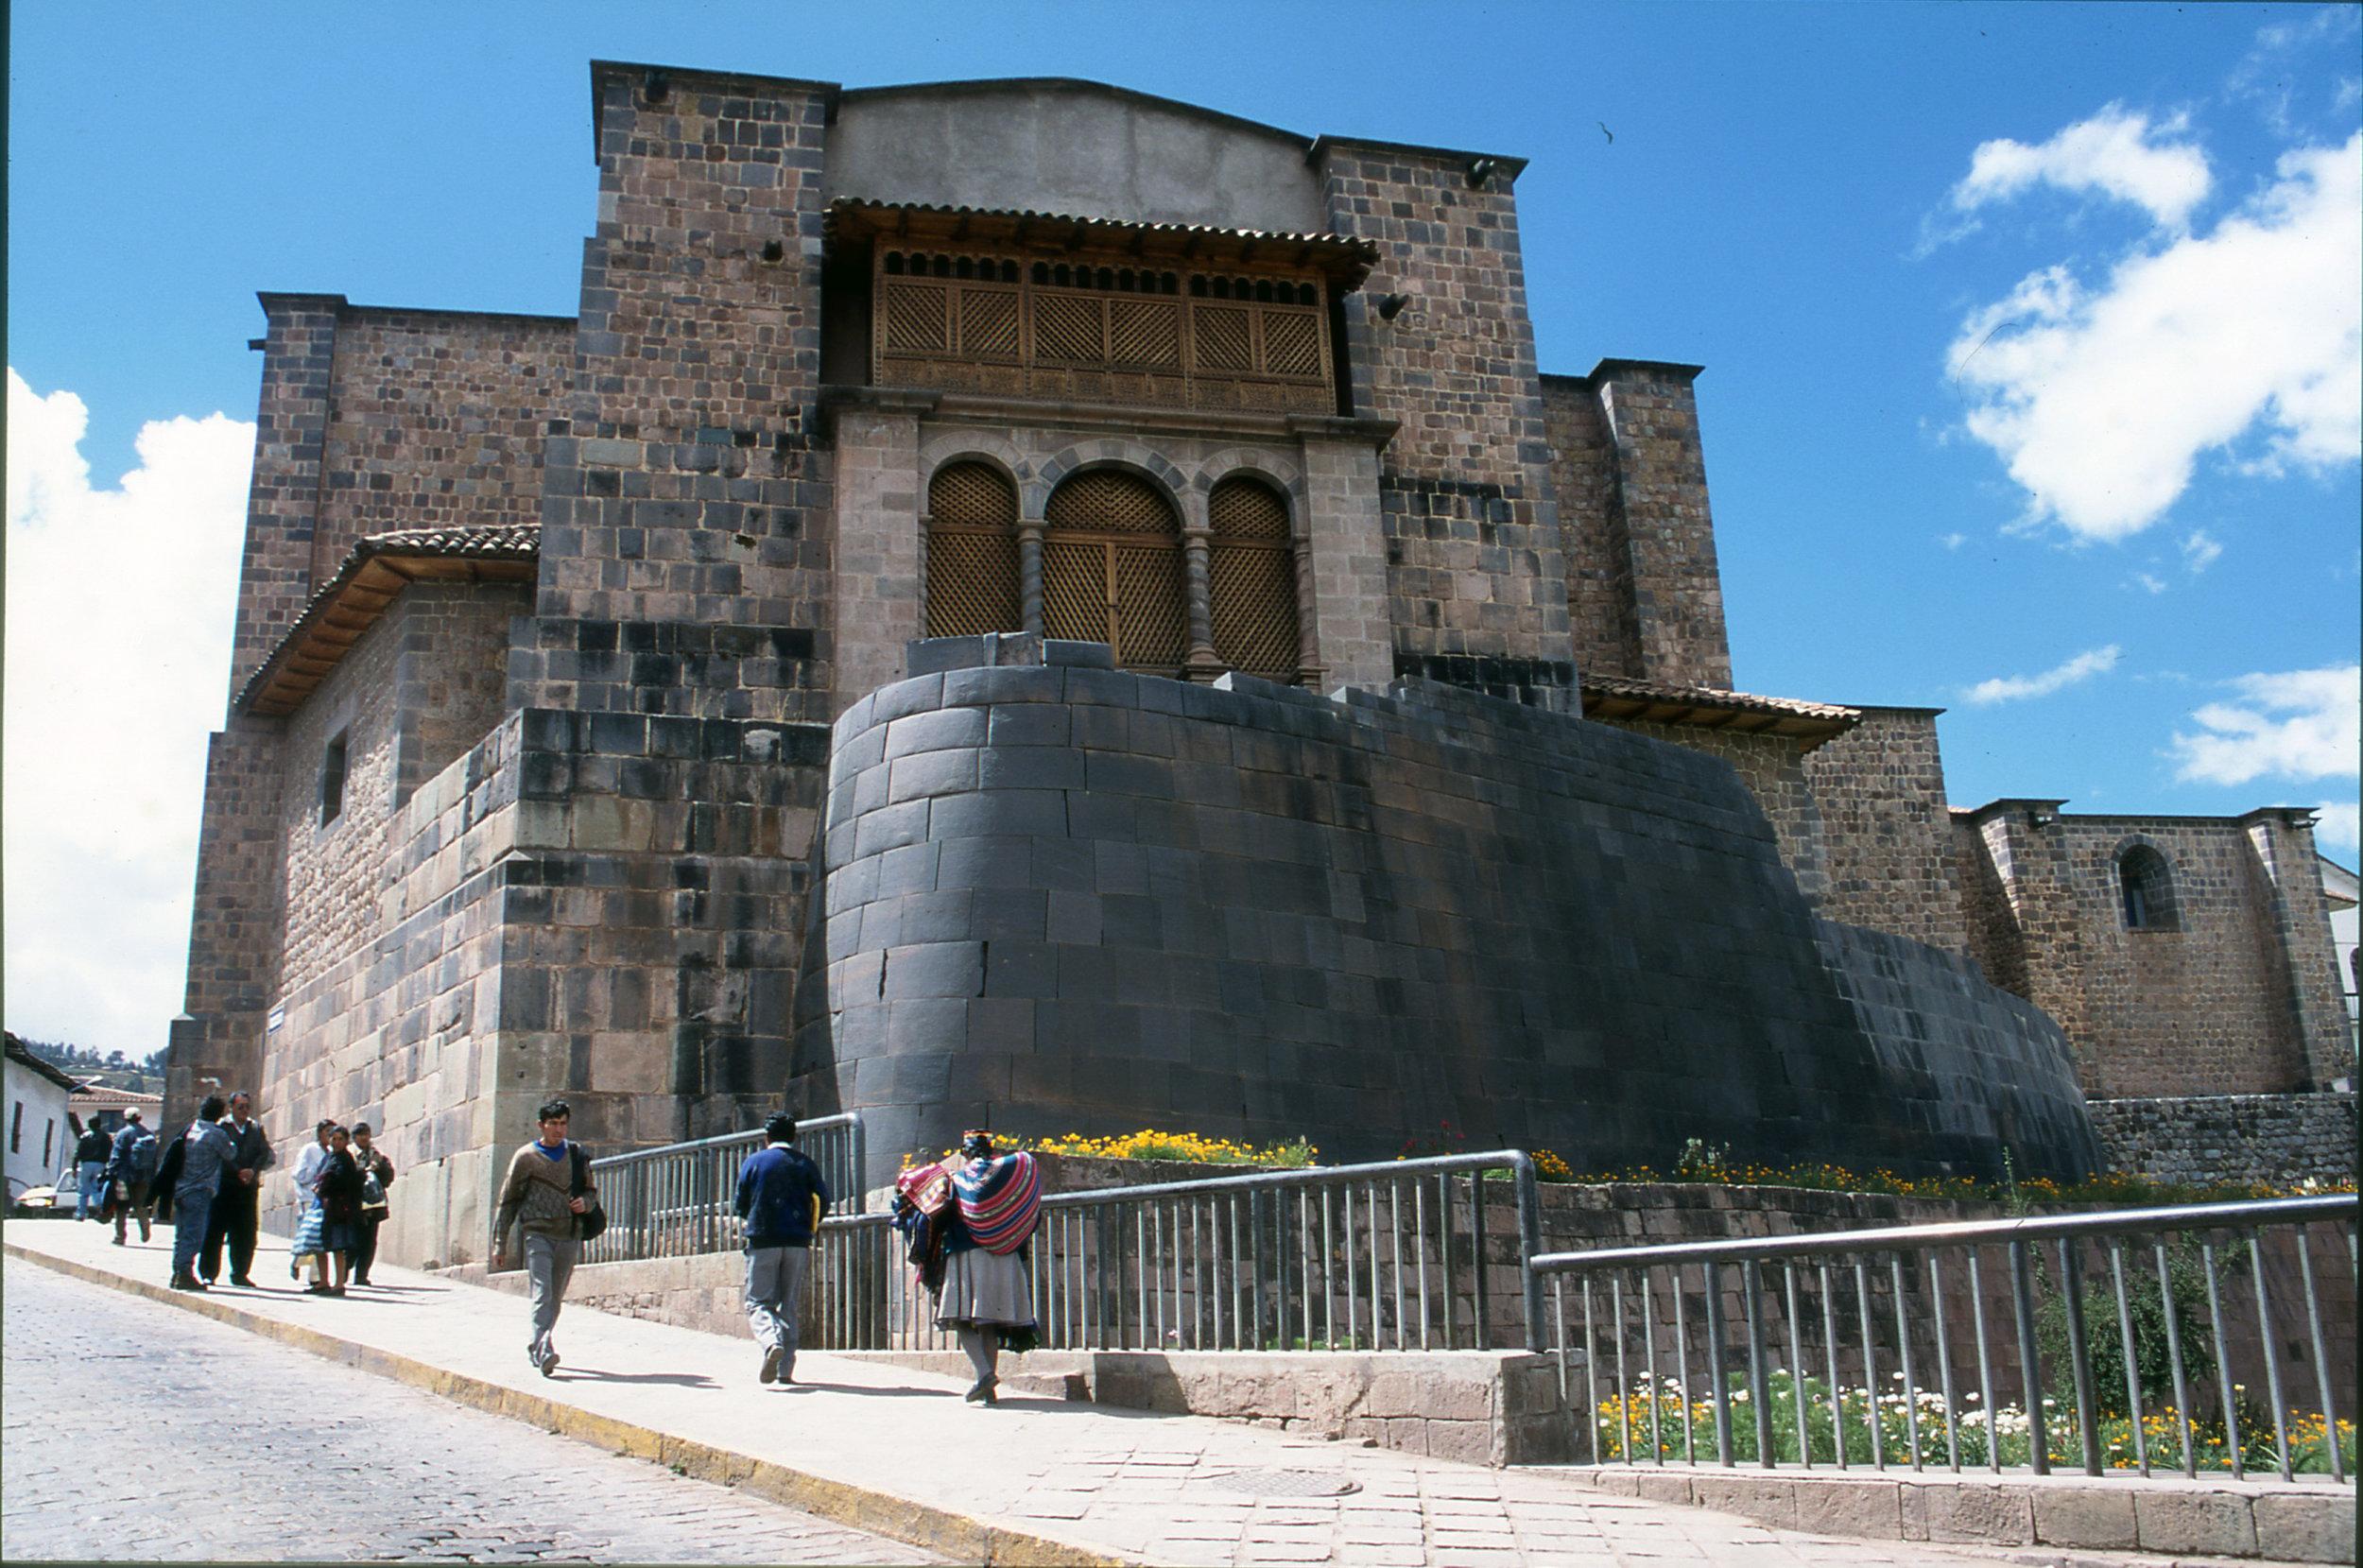 Coricancha: Incan below, Spanish above